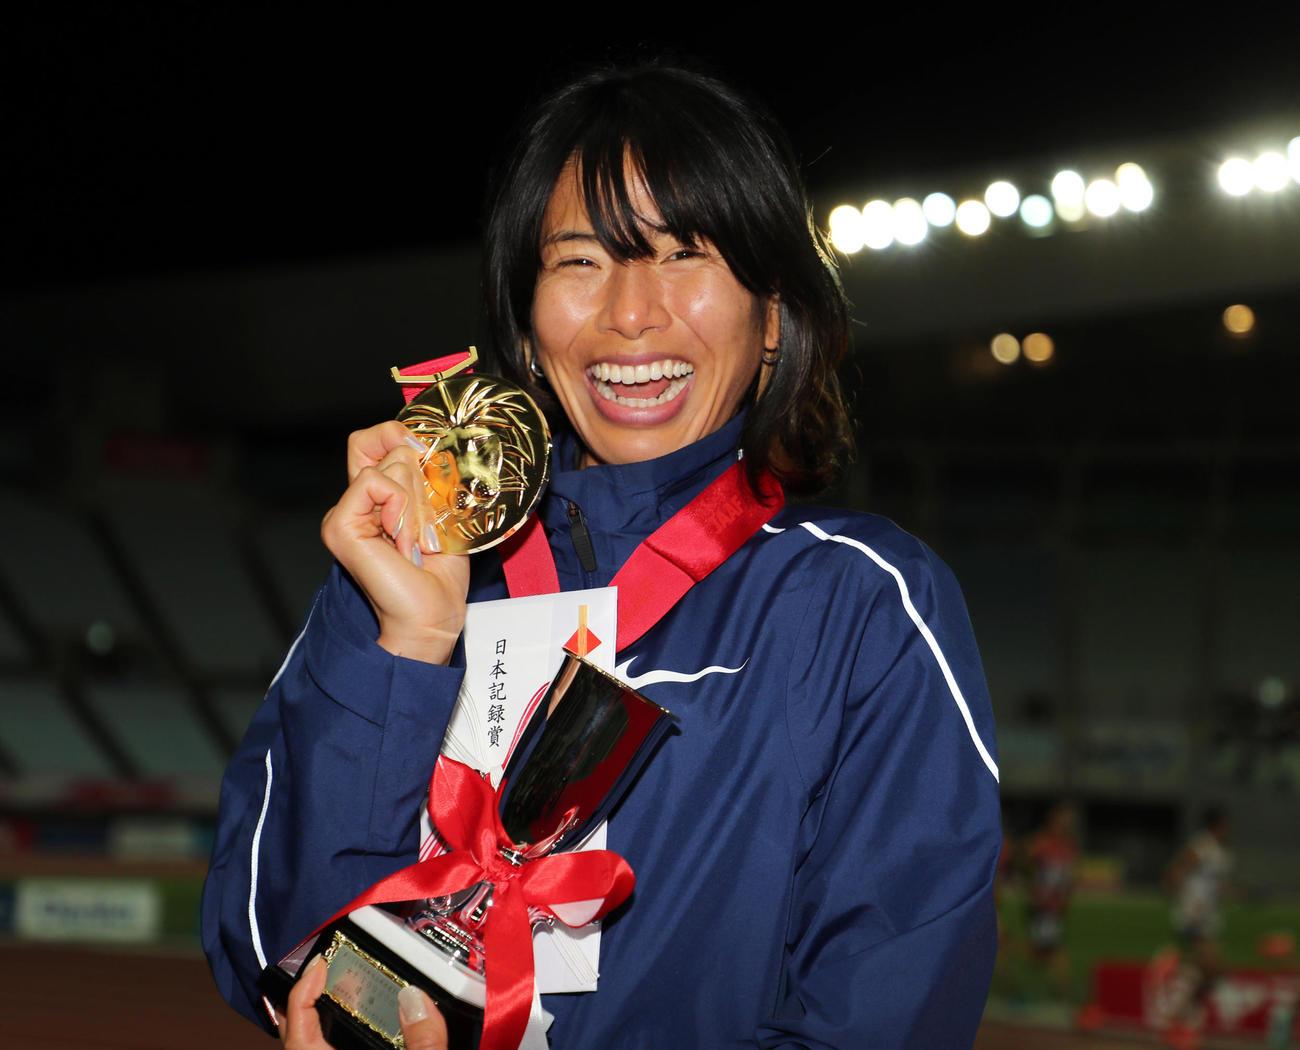 日本陸上競技選手権大会・長距離種目 女子1万メートル 日本記録で1位となり表彰式で笑顔をみせる新谷仁美(2020年12月4日撮影)